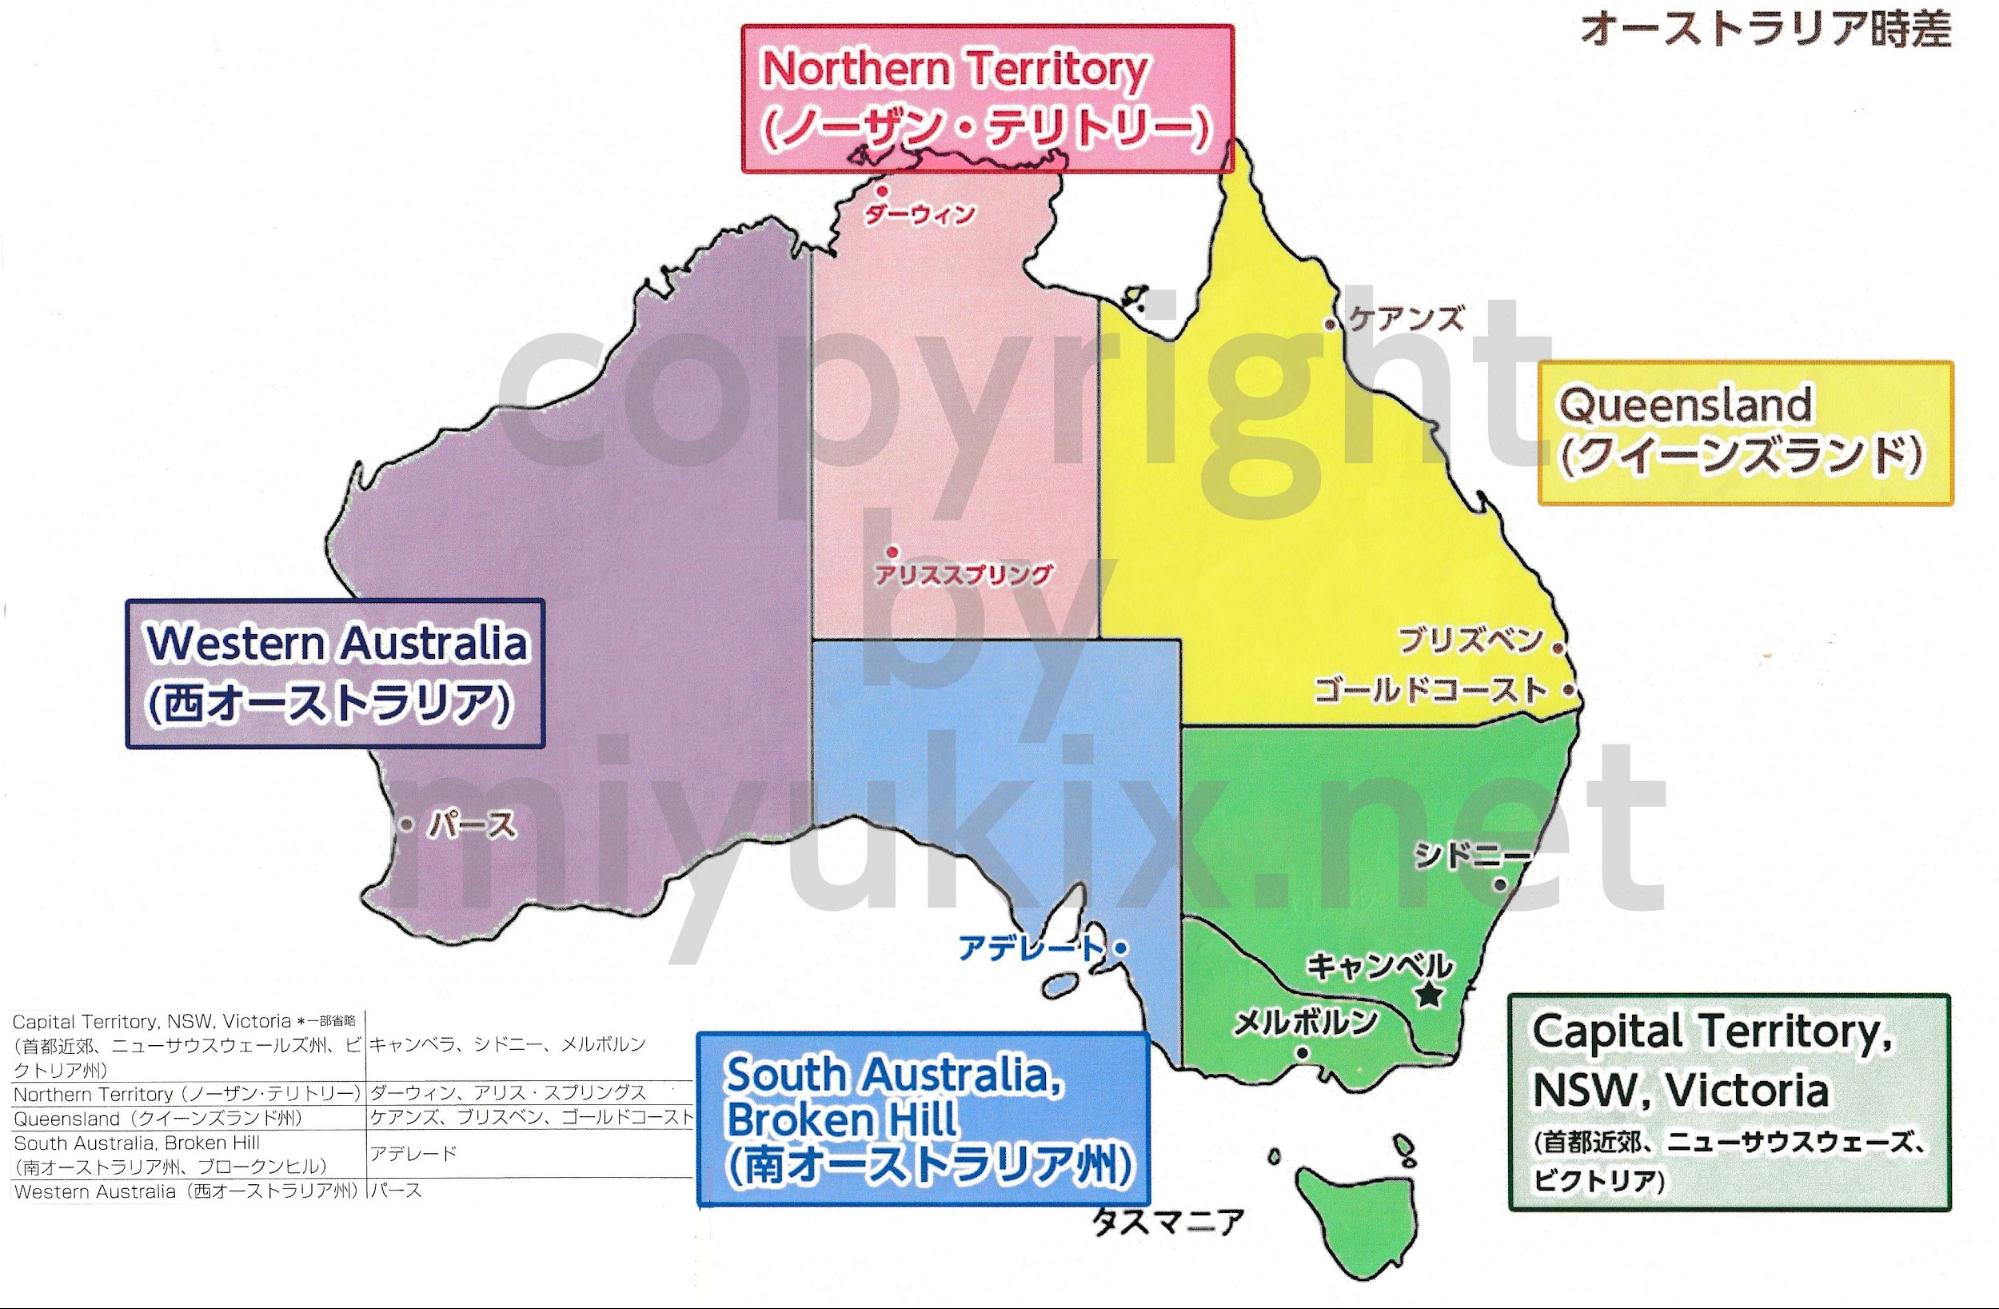 オーストラリア・タイムゾーンまとめ地図